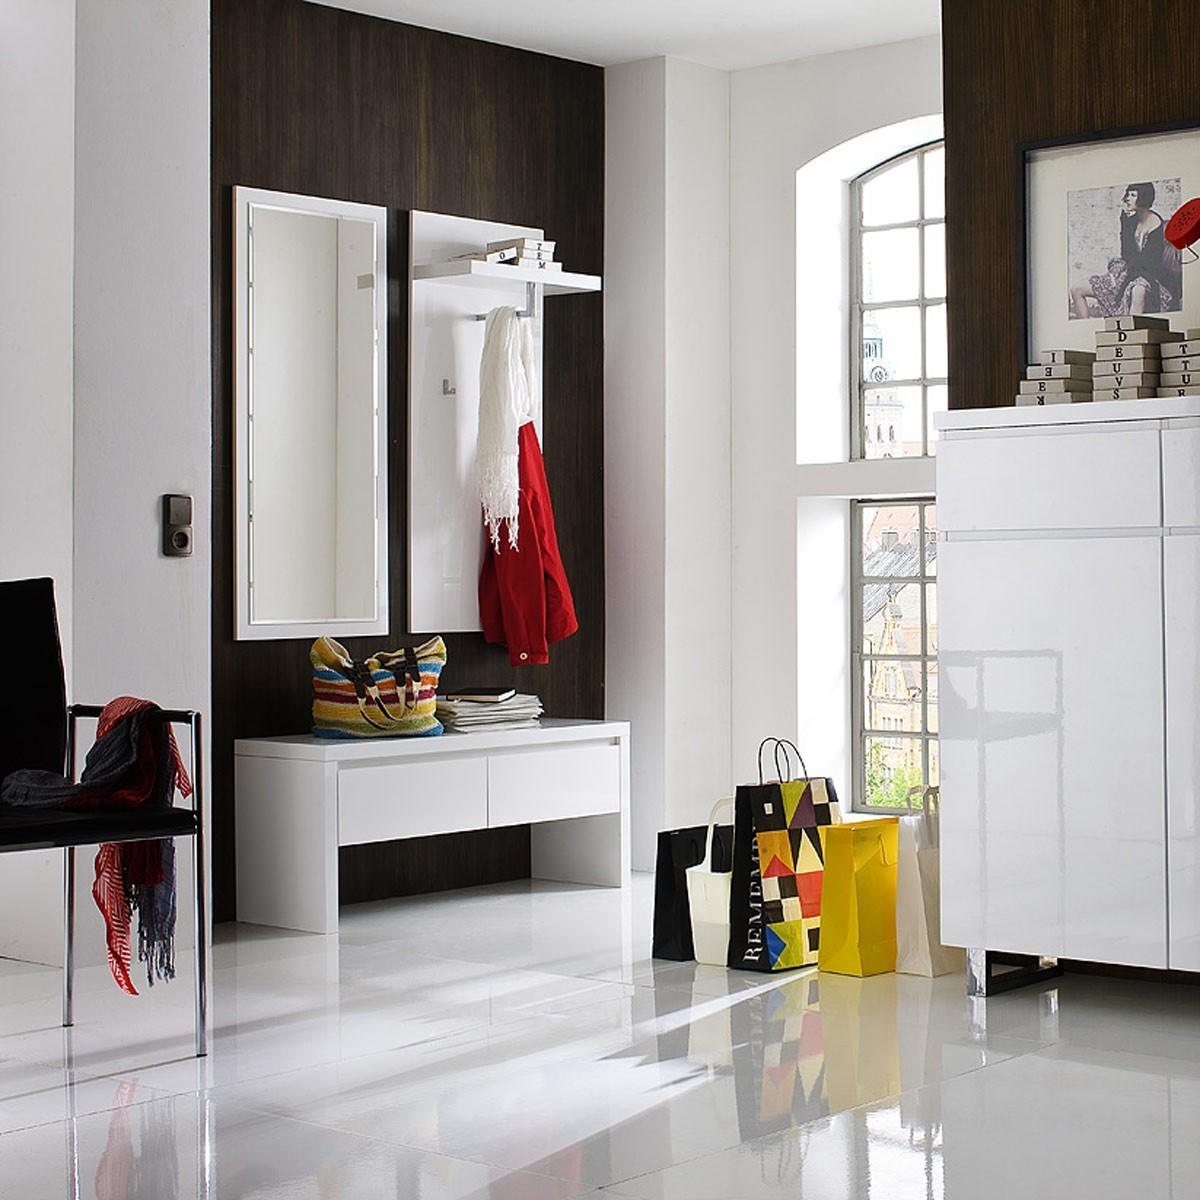 Garderobe 4 tucker in hochglanz lack wei - Garderobe huizen van de wereld ...